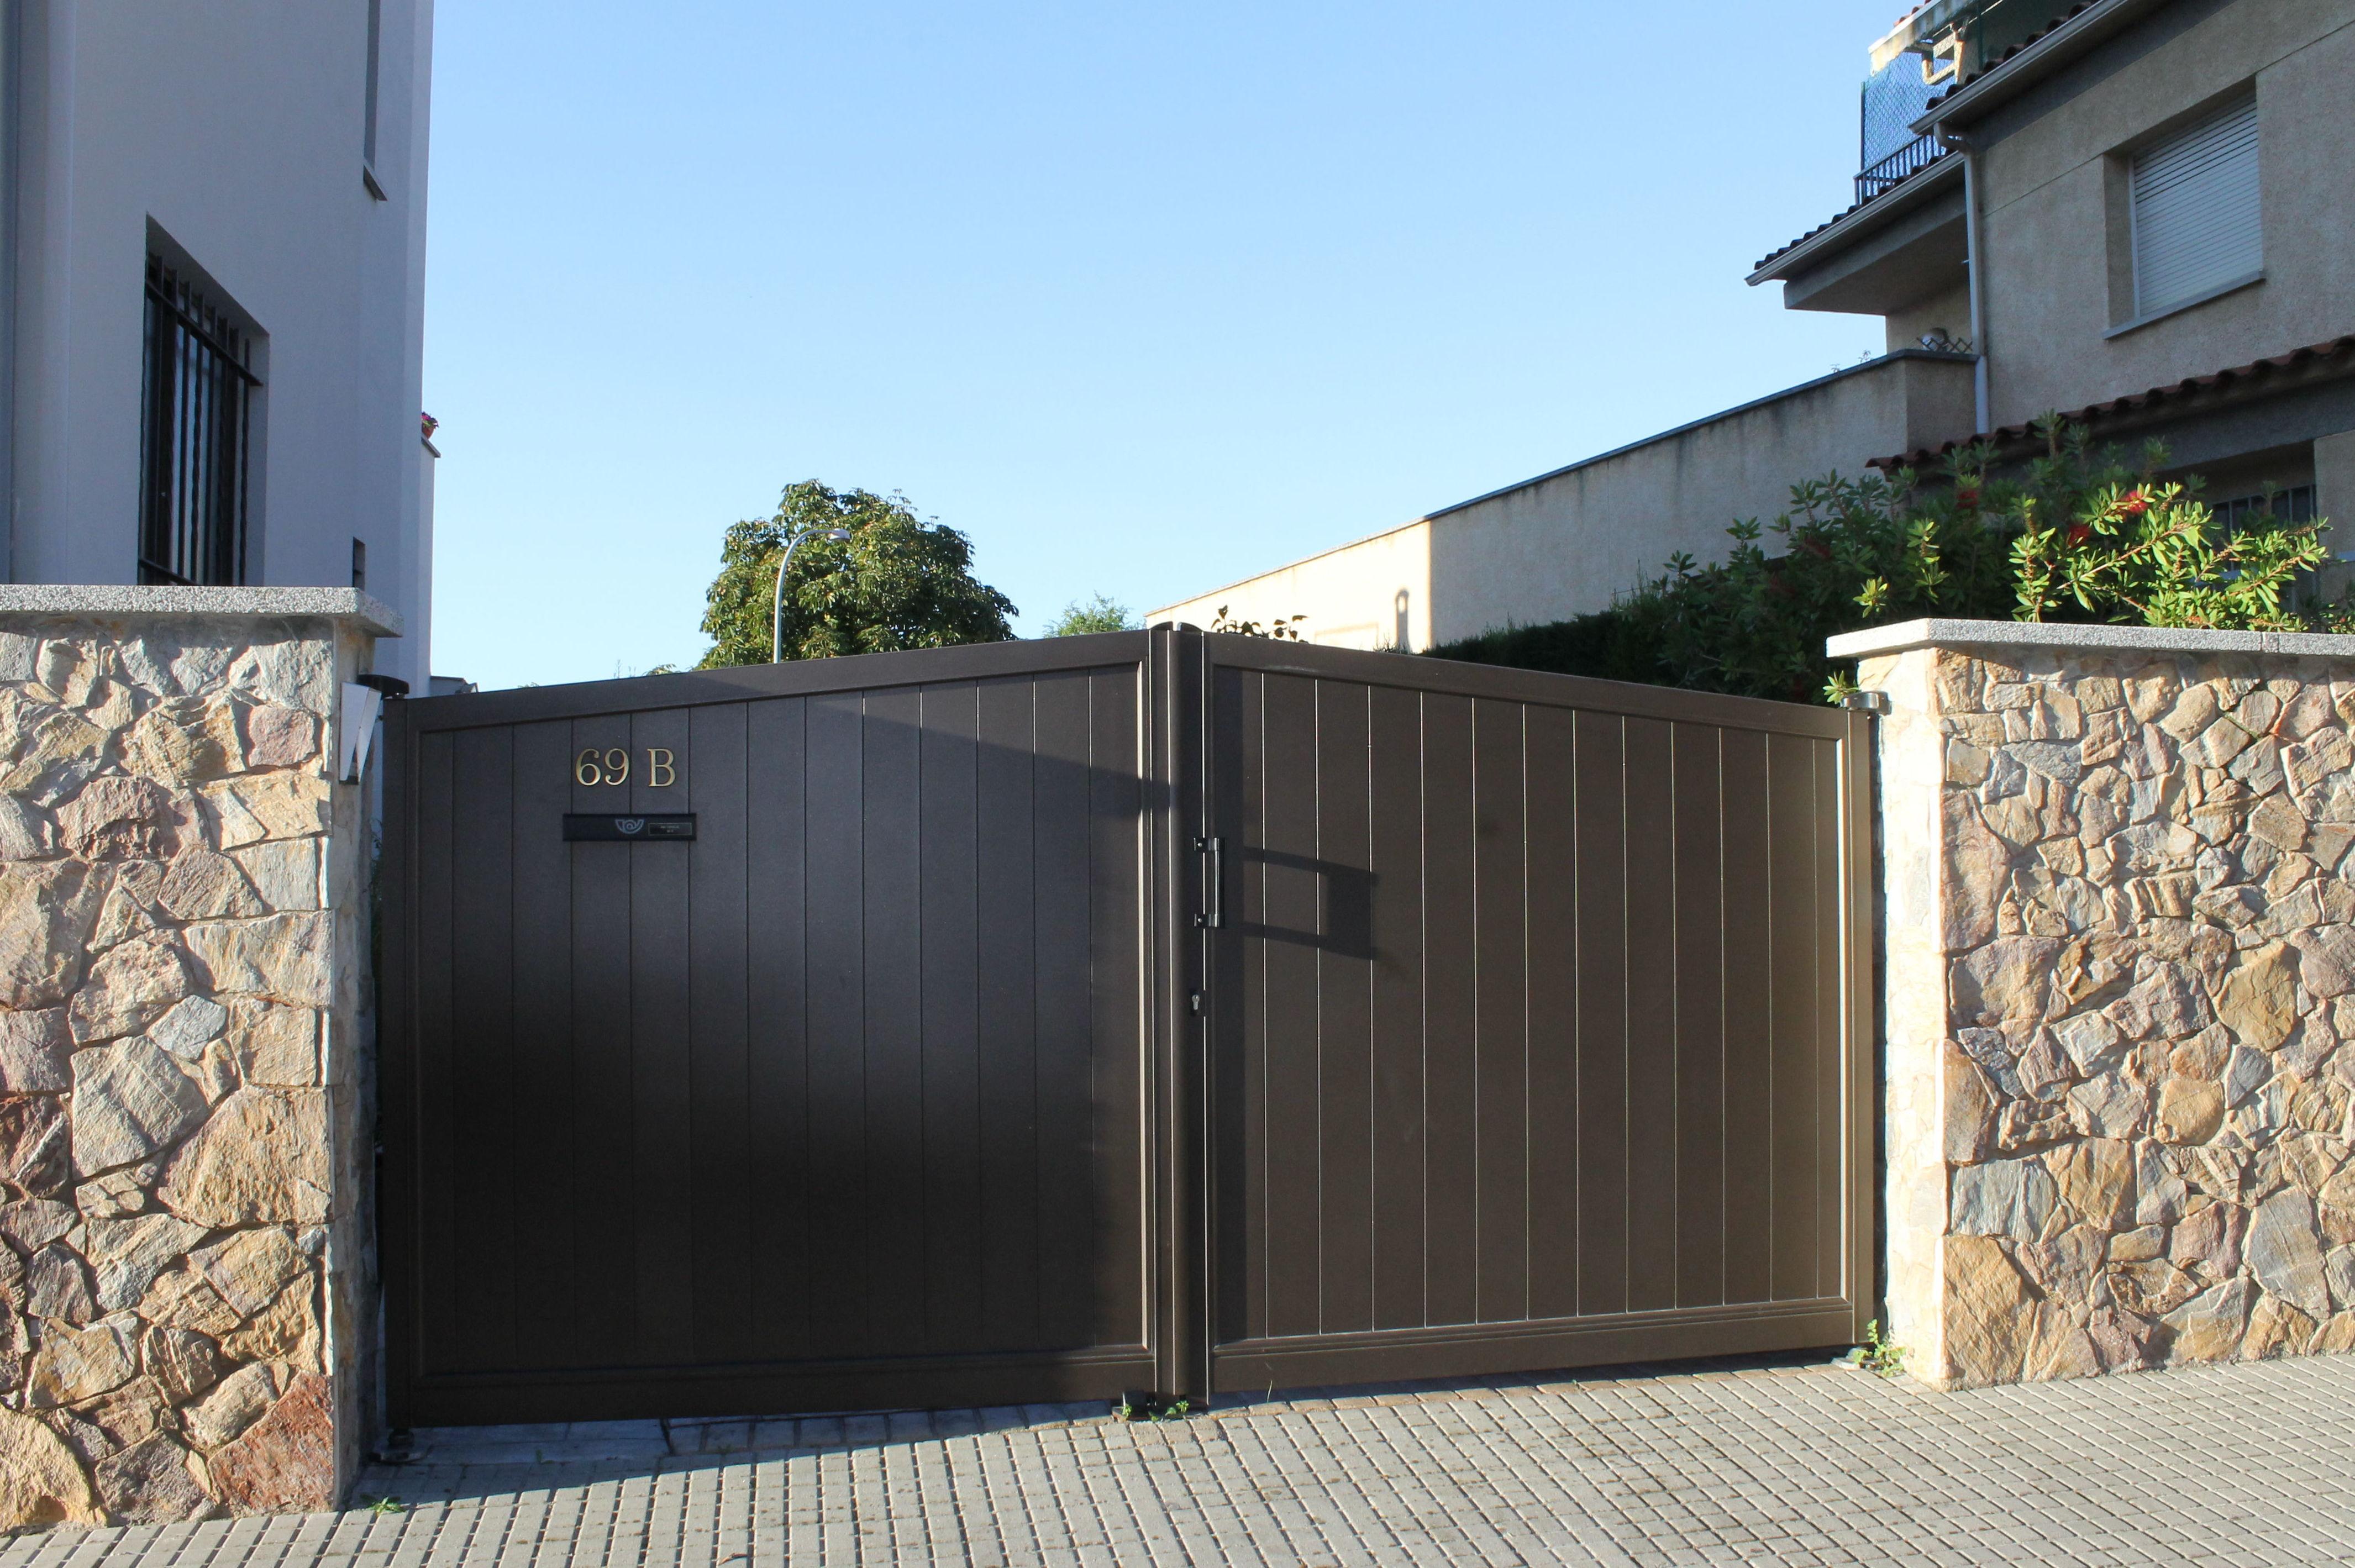 Puertas y vallas de jard n de hierro nuestros productos - Vallas exteriores para casas ...